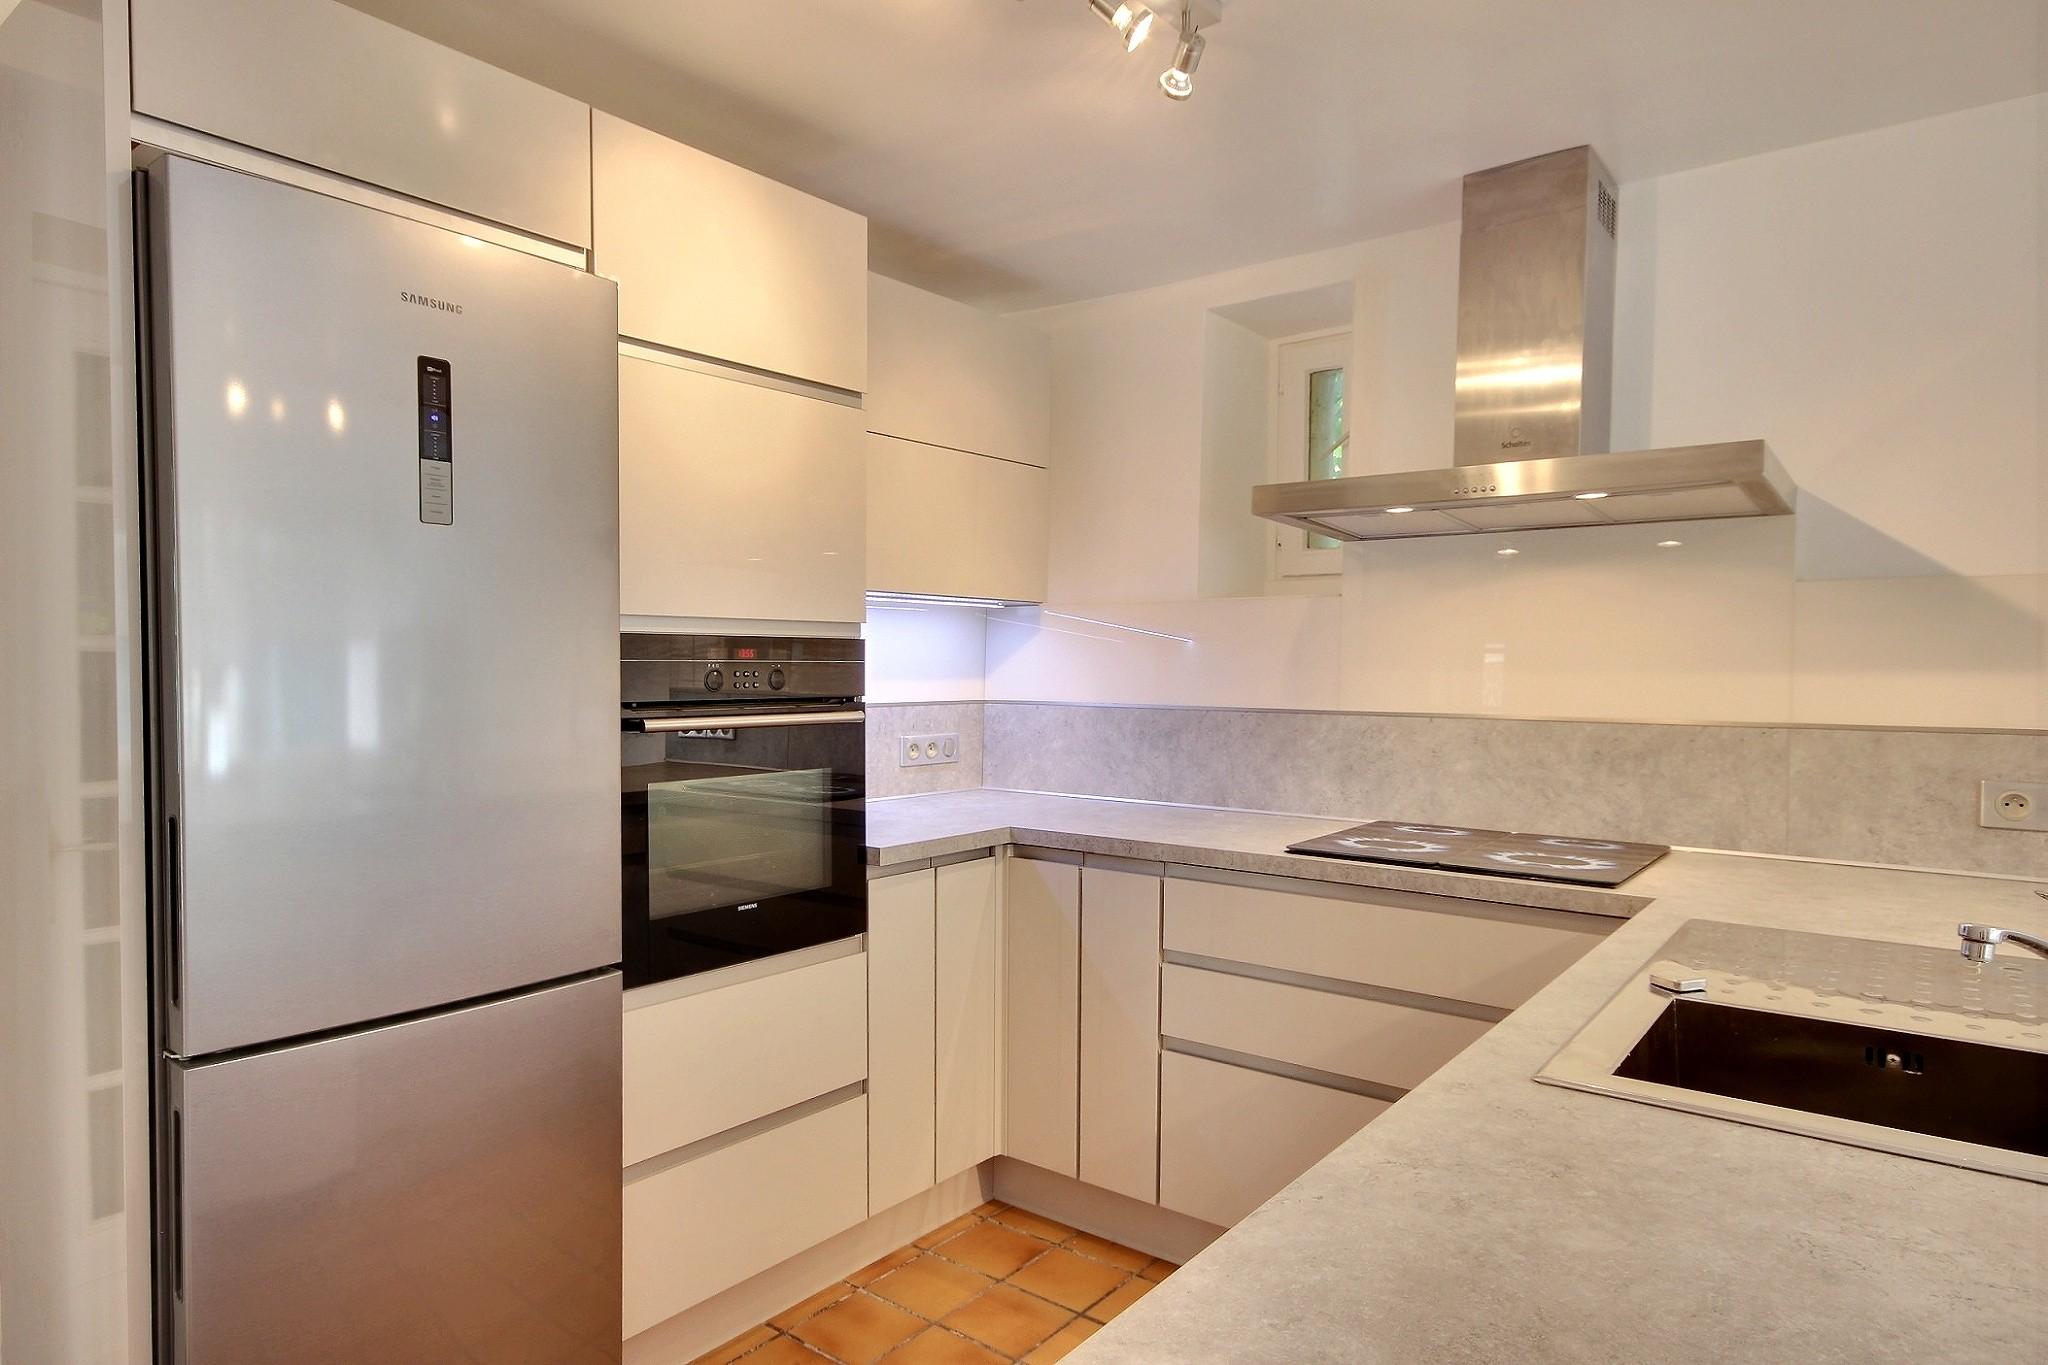 aménagement d'une cuisine de 18 m² « slbconception